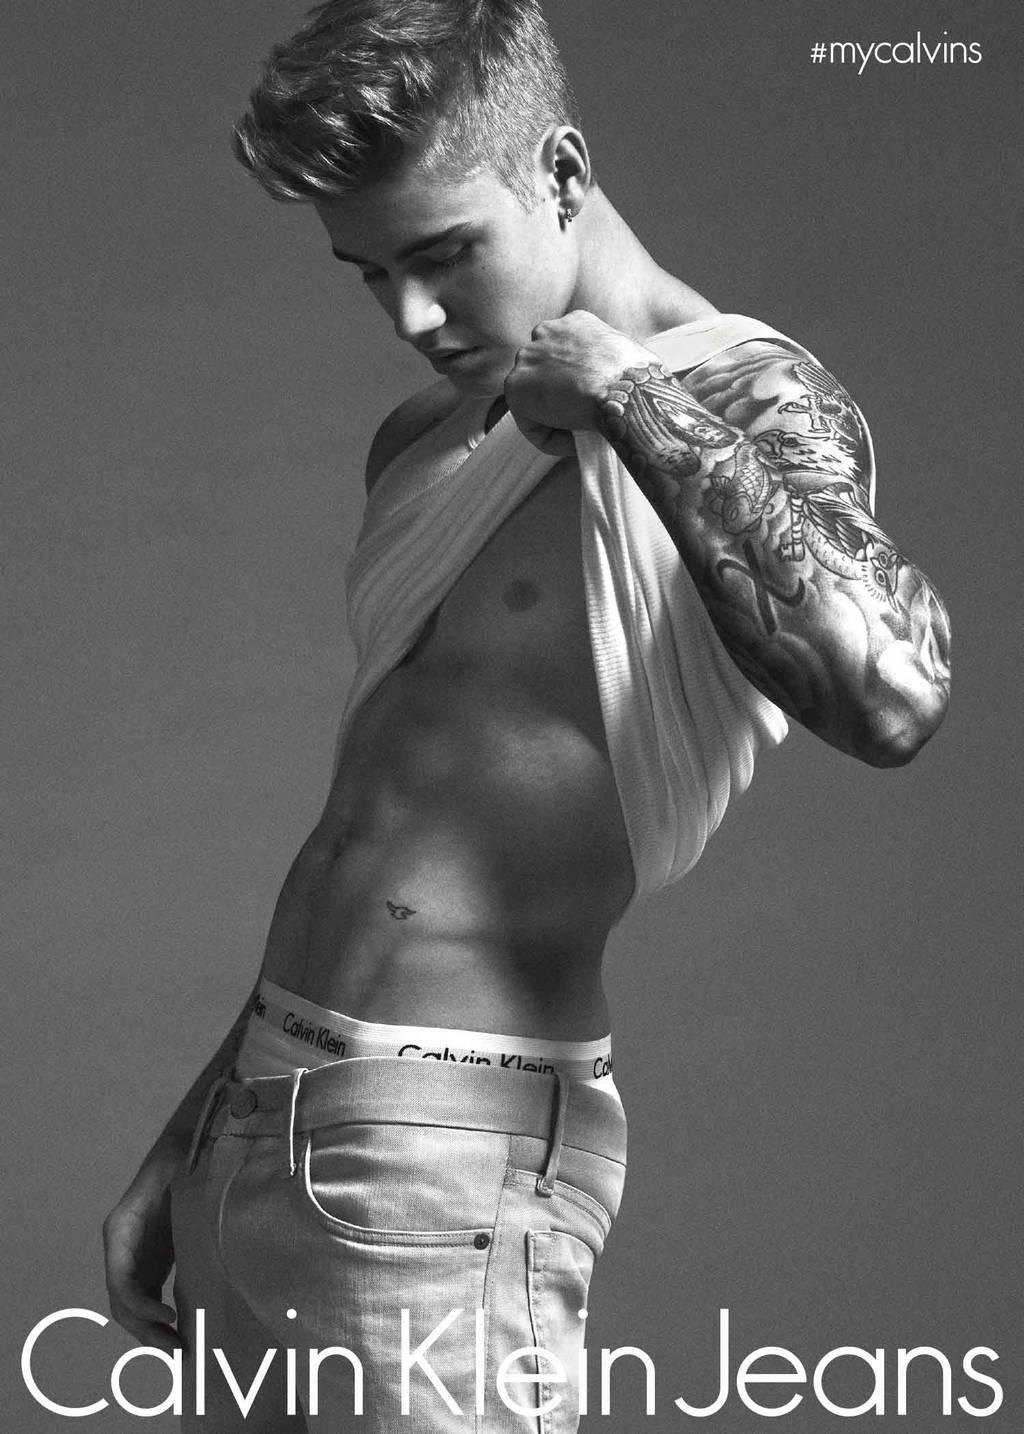 Justin Beiber calvin klein jeans